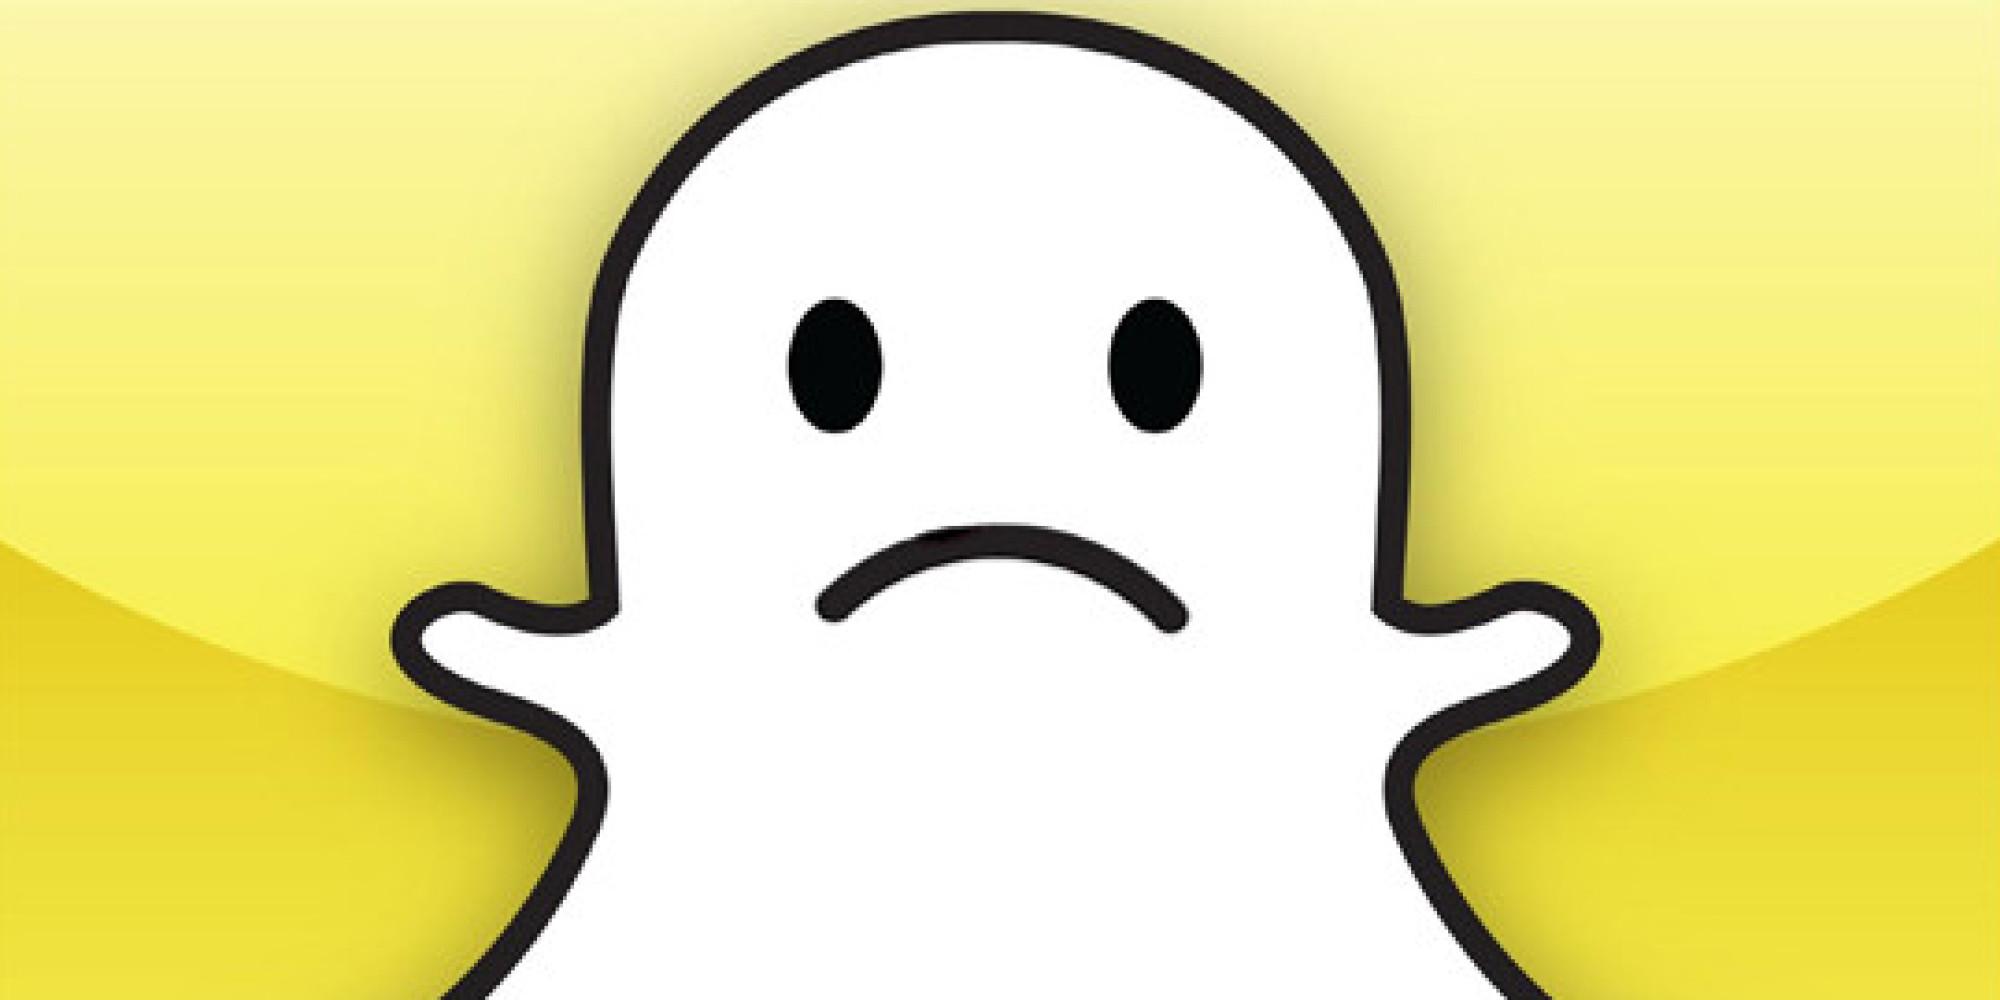 CSUSB Snapchat busted